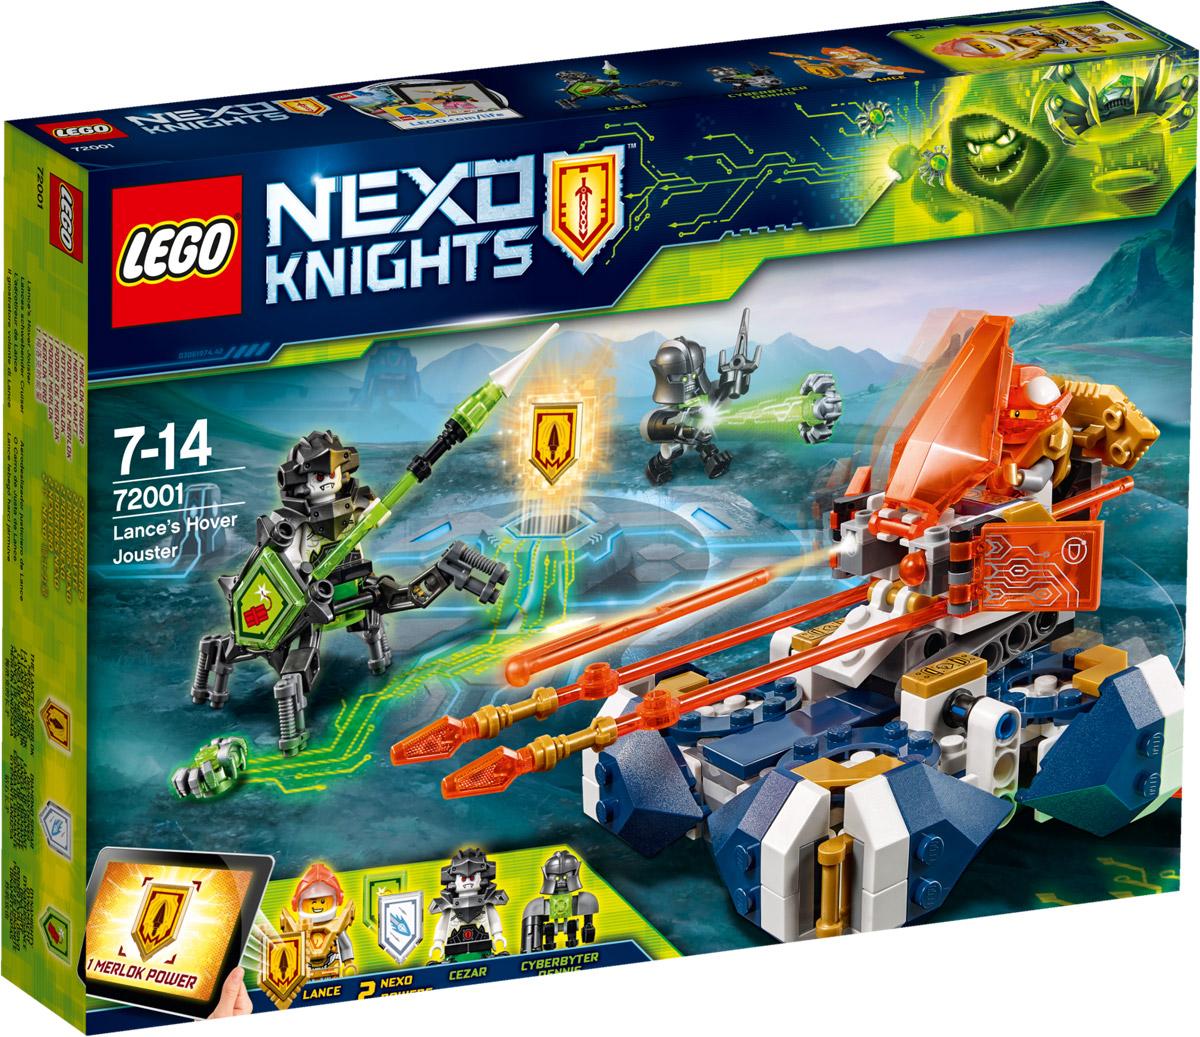 LEGO NEXO KNIGHTS Конструктор Летающая турнирная машина Ланса 72001